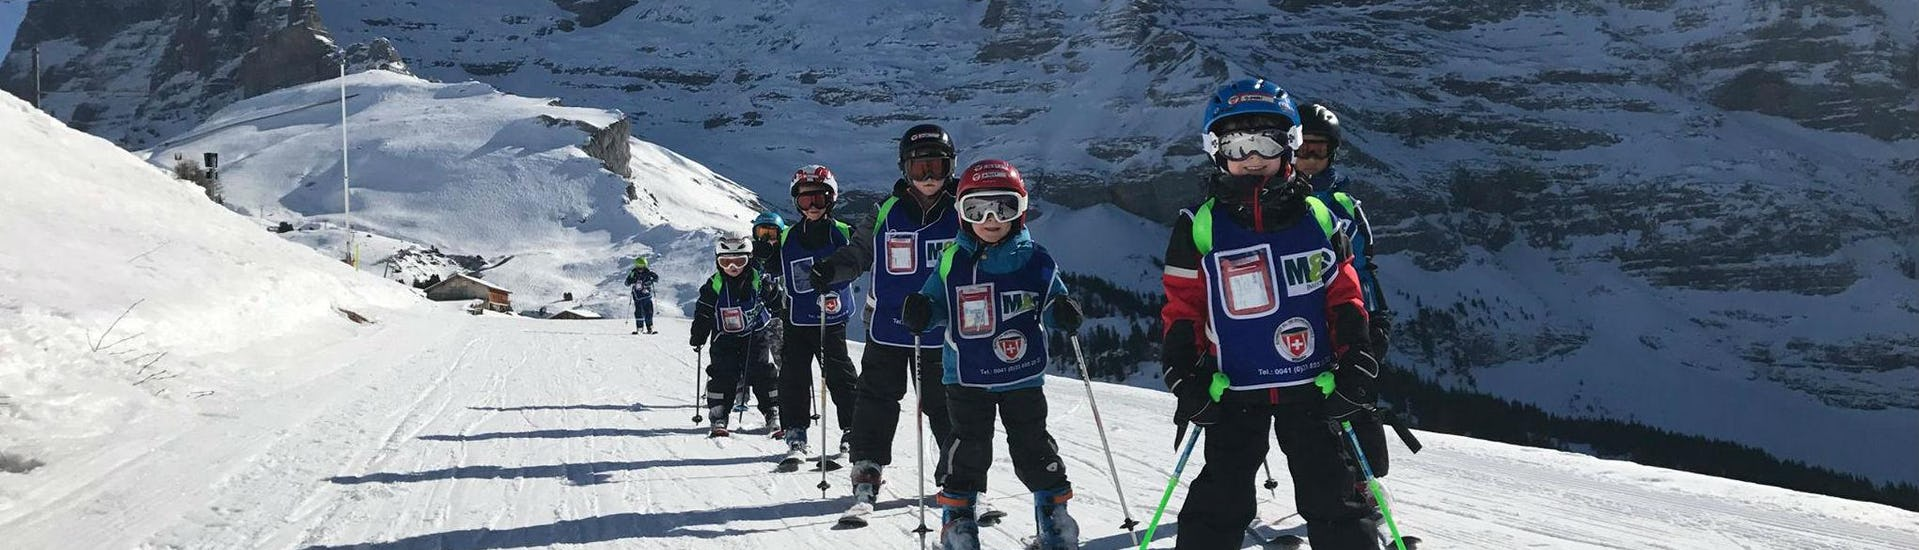 Skikurs für Kinder (ab 3 Jahren) - Fortgeschritten